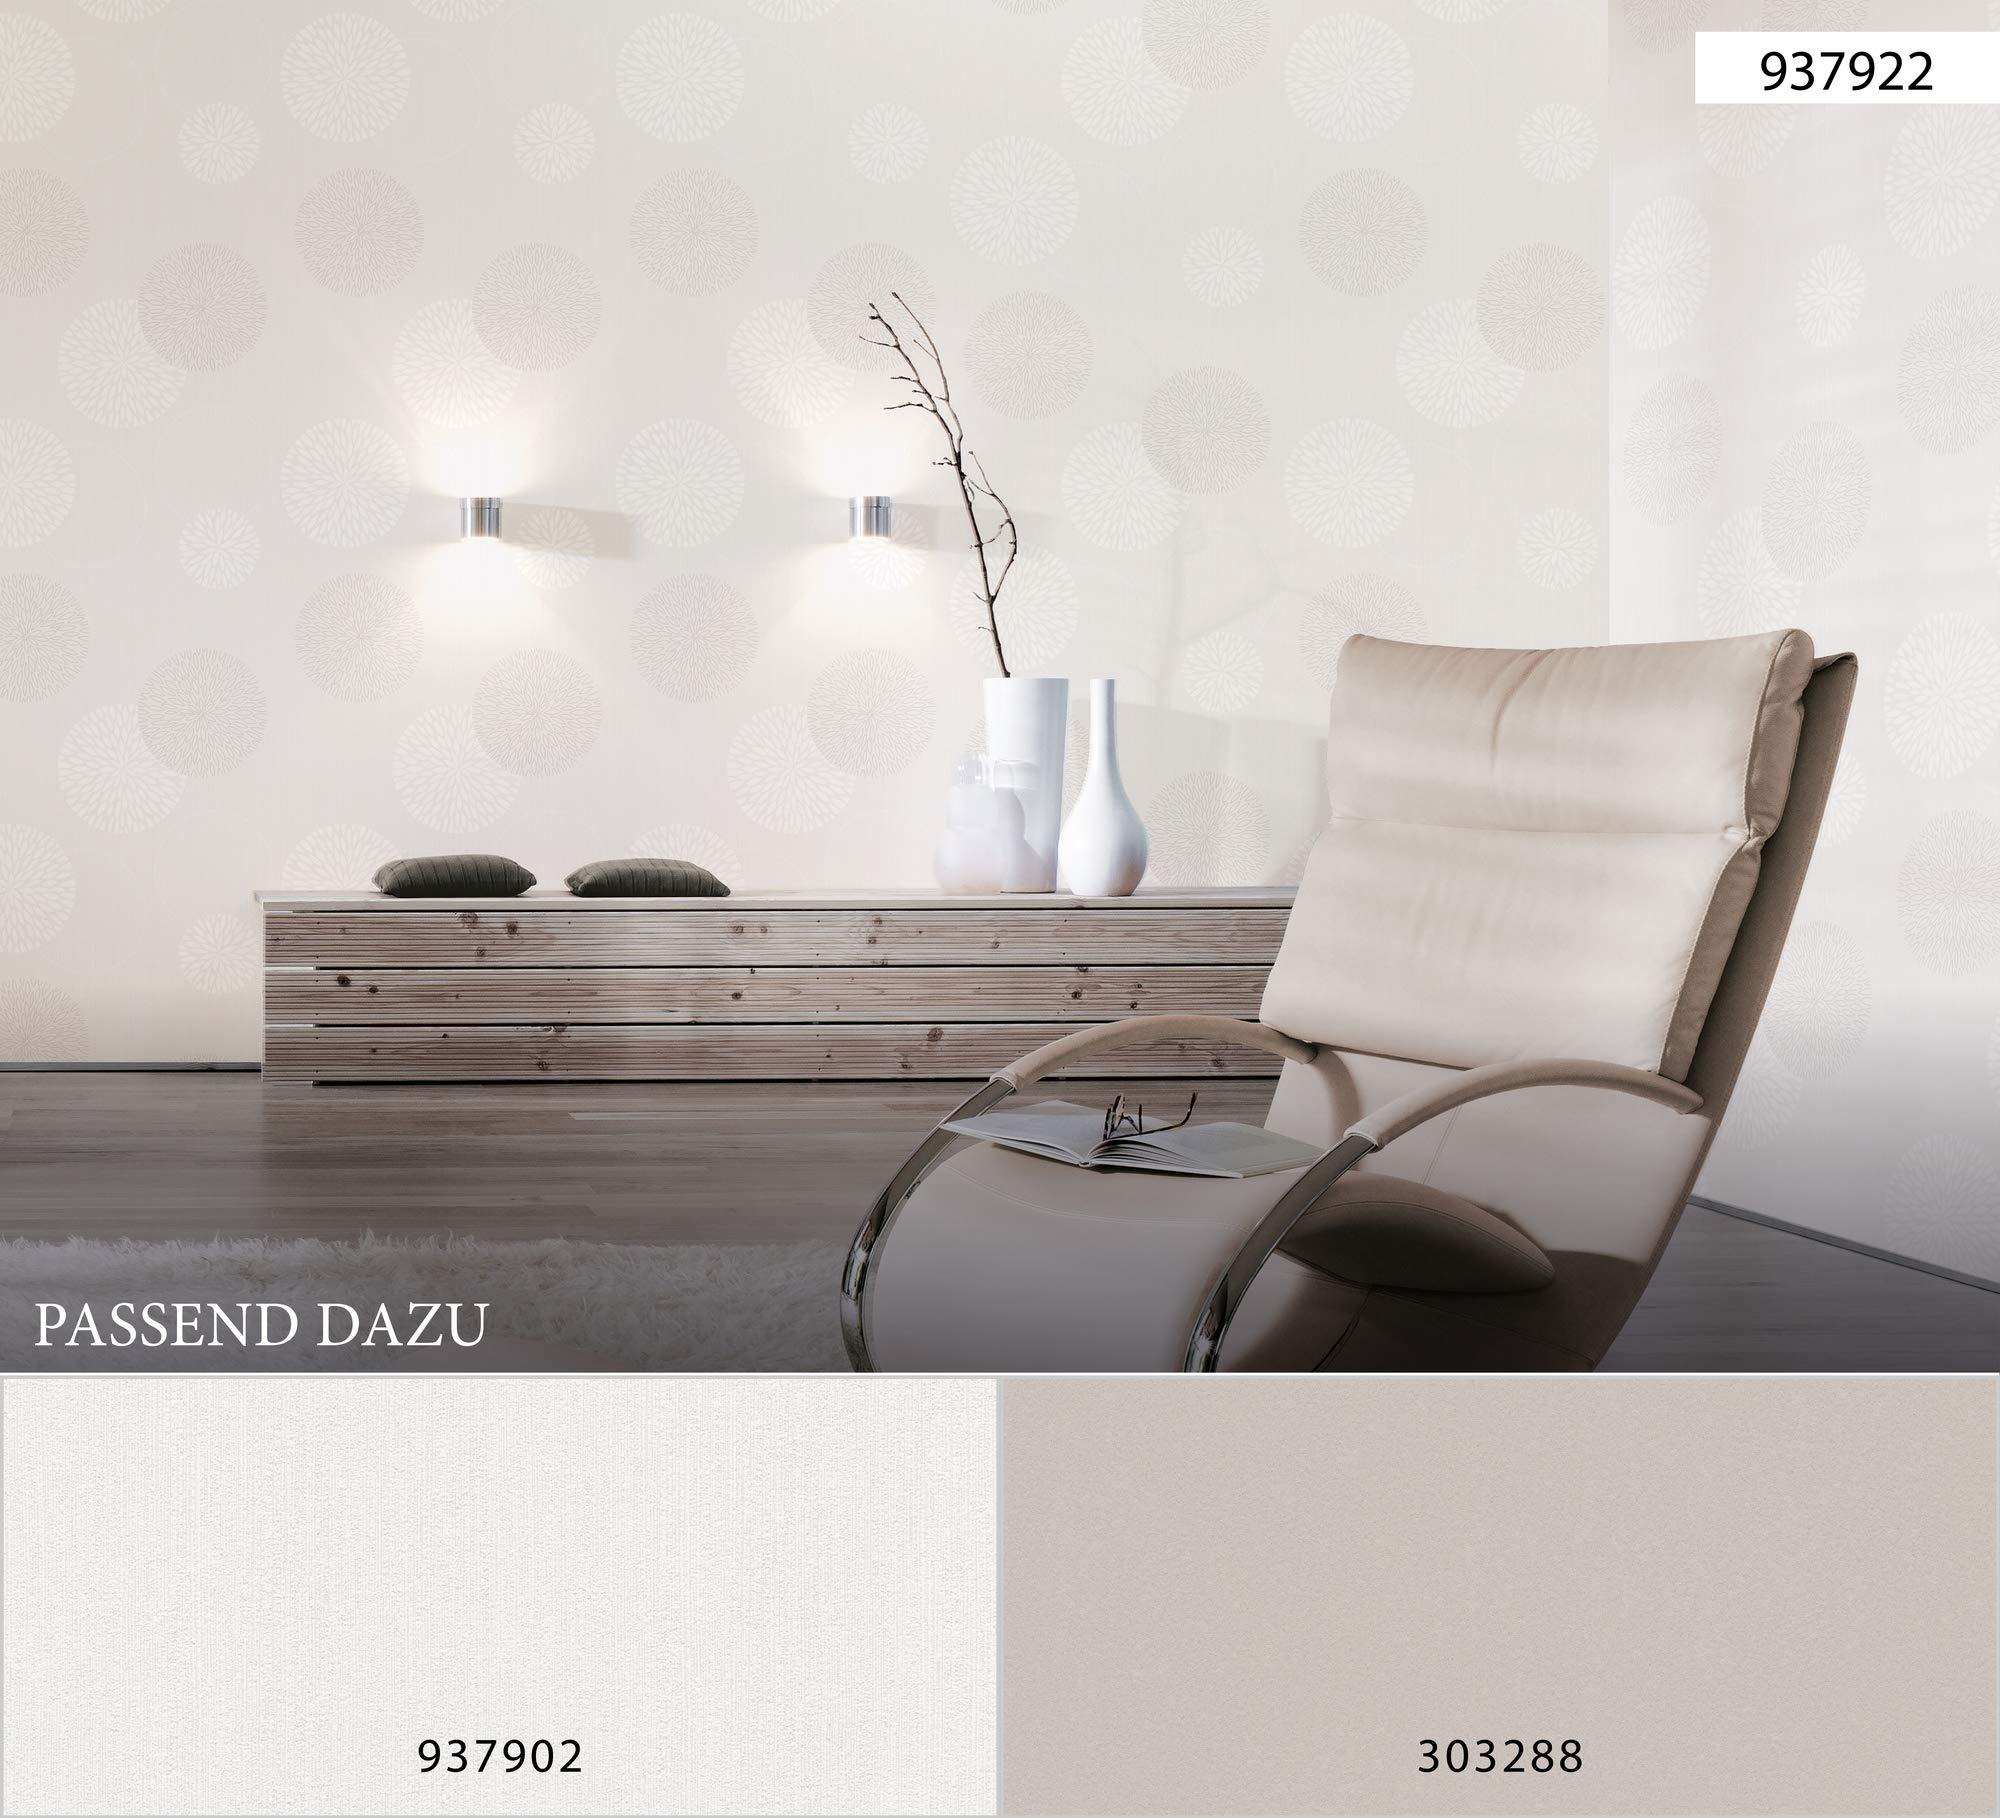 Papiers Peints Bricolage A S Creation Papier Peint Intisse Spot Creme Blanc 10 05 M X 0 53 M 937922